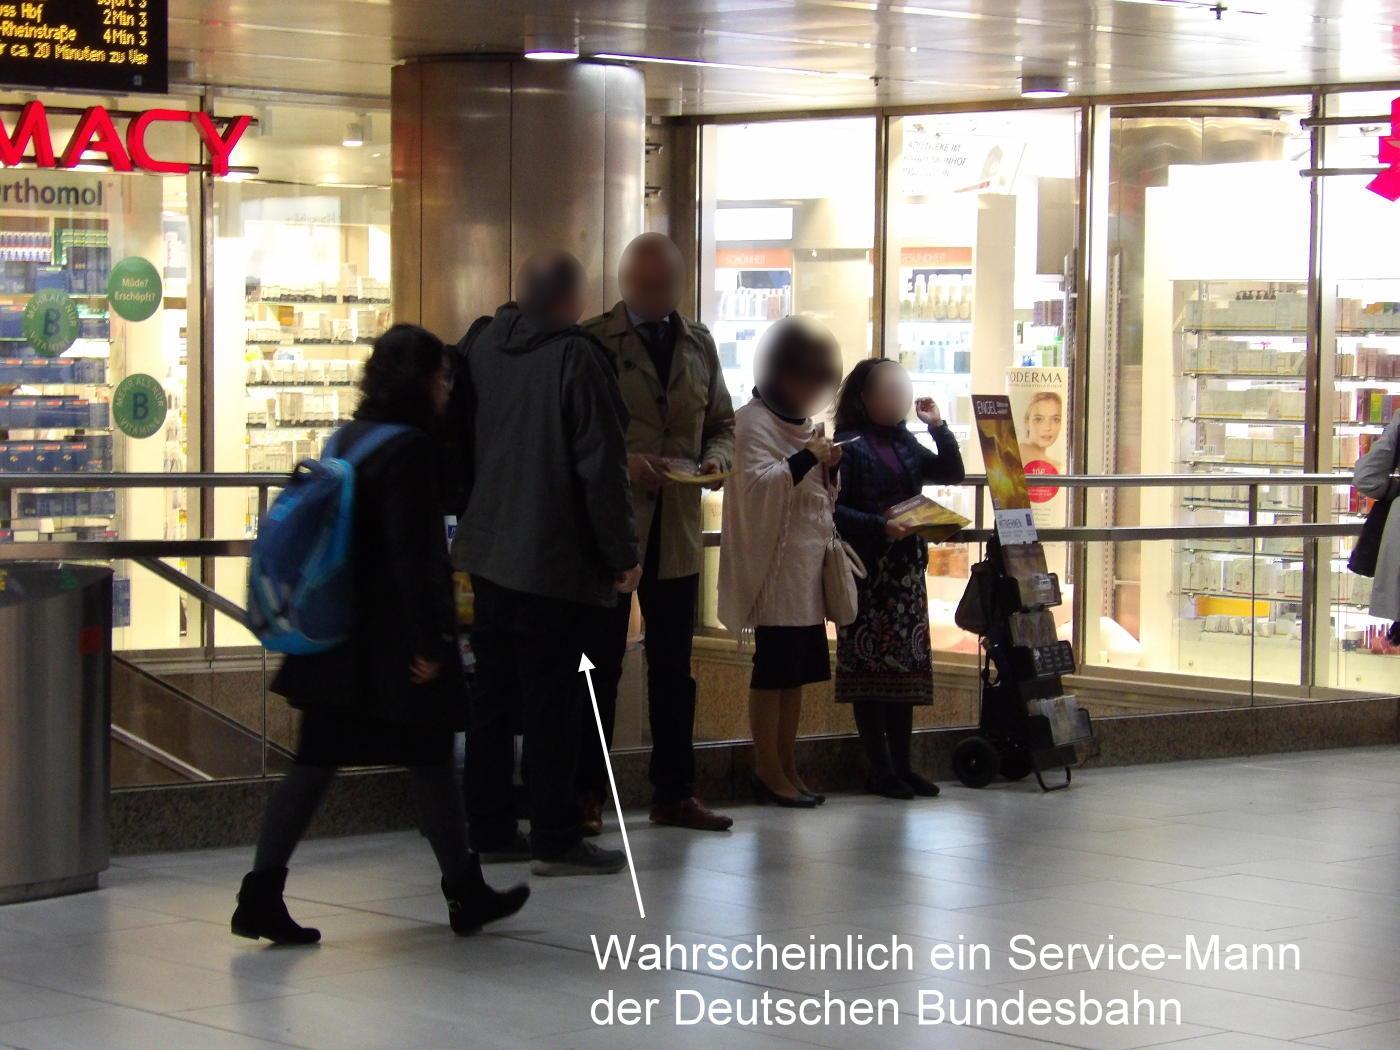 Deutsche Bundesbahn favours Watchtower Society